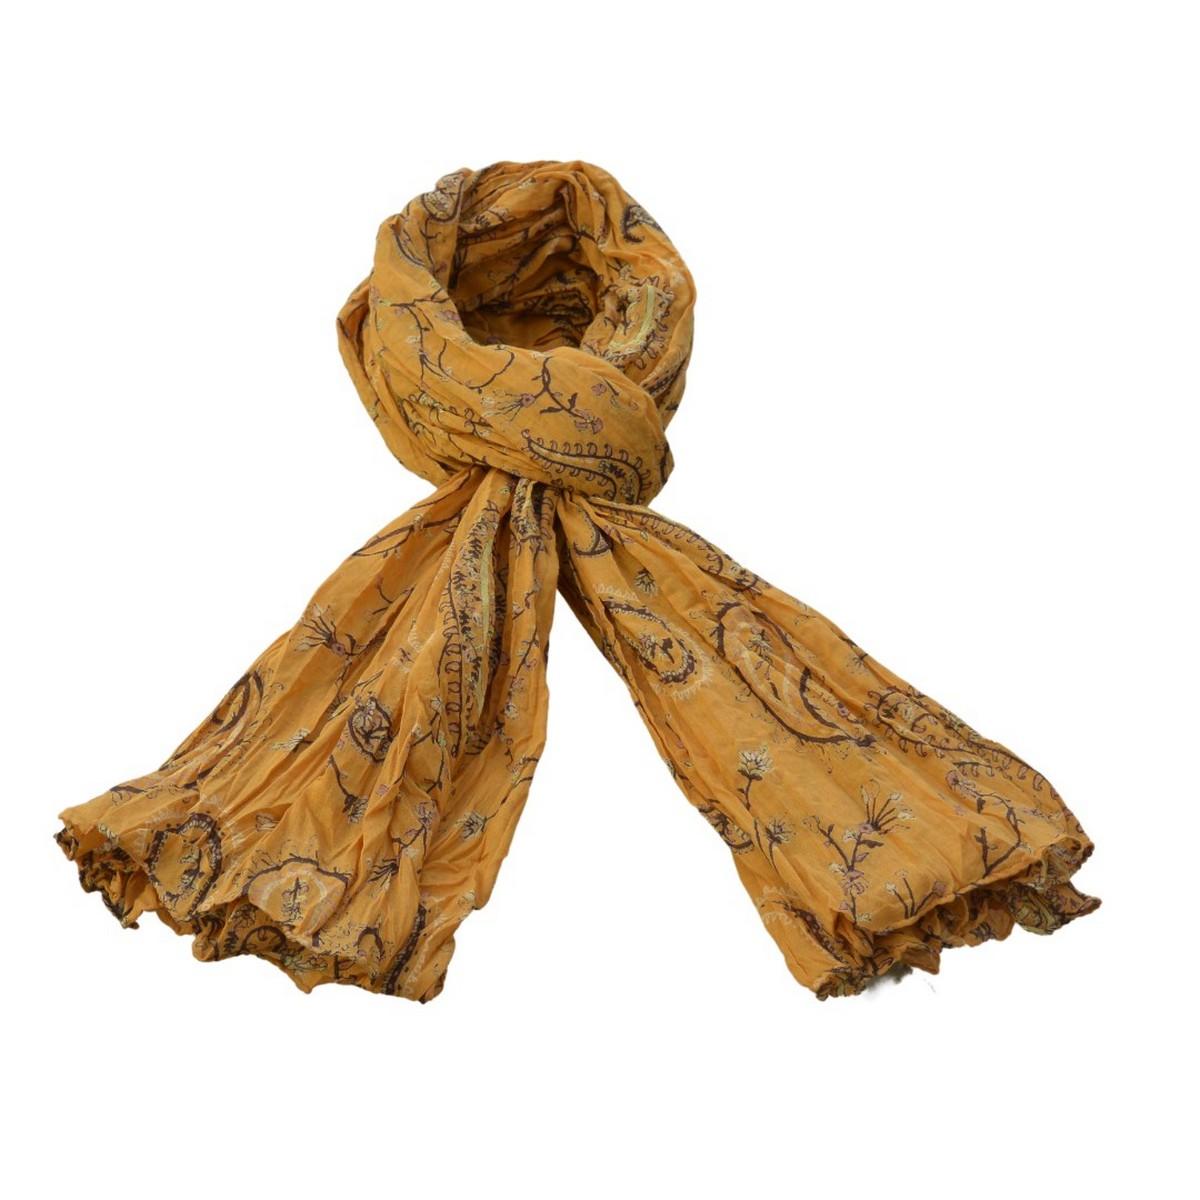 foulard zen ethic grande-etole-raj-voile-de-coton-110x180cm une idee cadeau chez ugo et lea   (4)